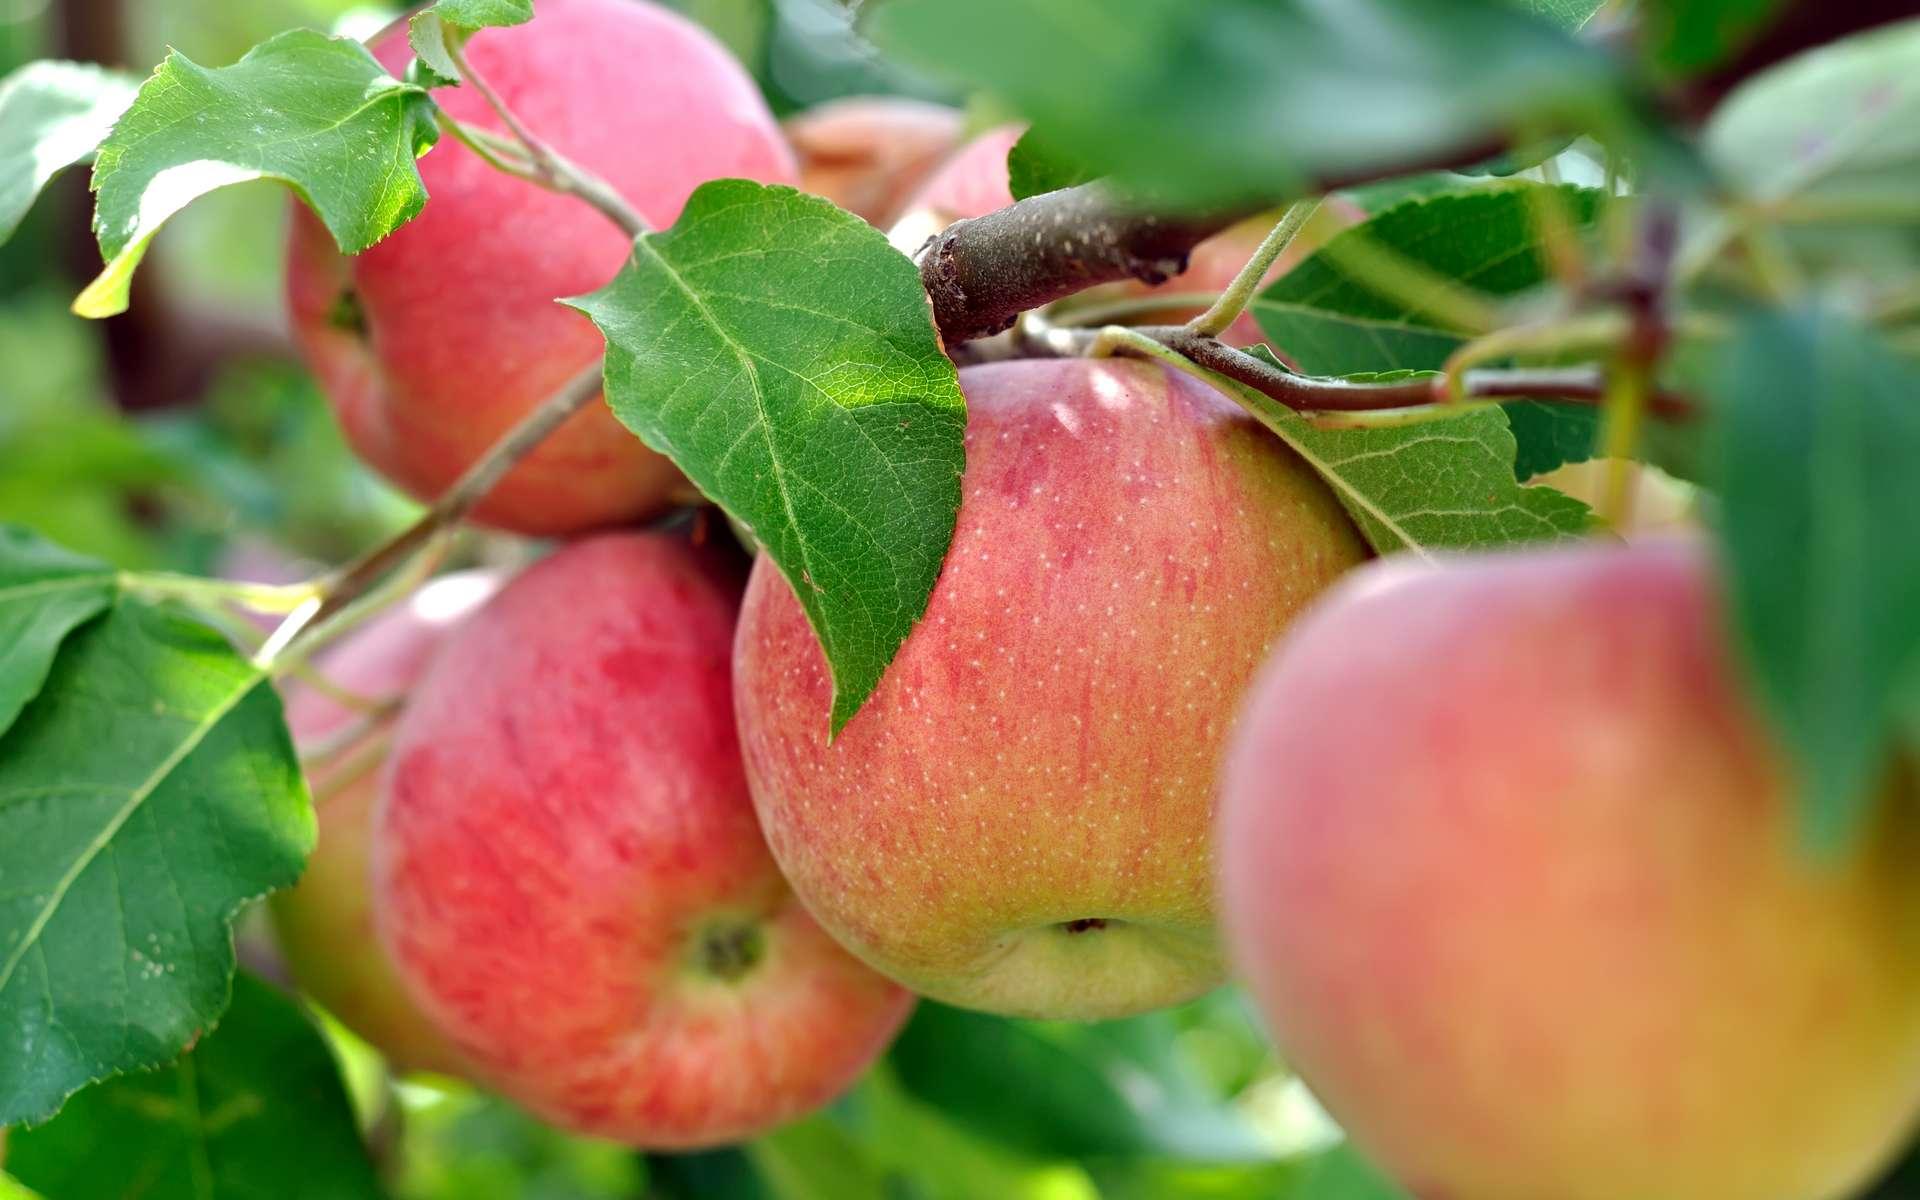 Les pommes seraient bénéfiques pour la santé et pour la ligne ! © beerfan, Adobe Stock